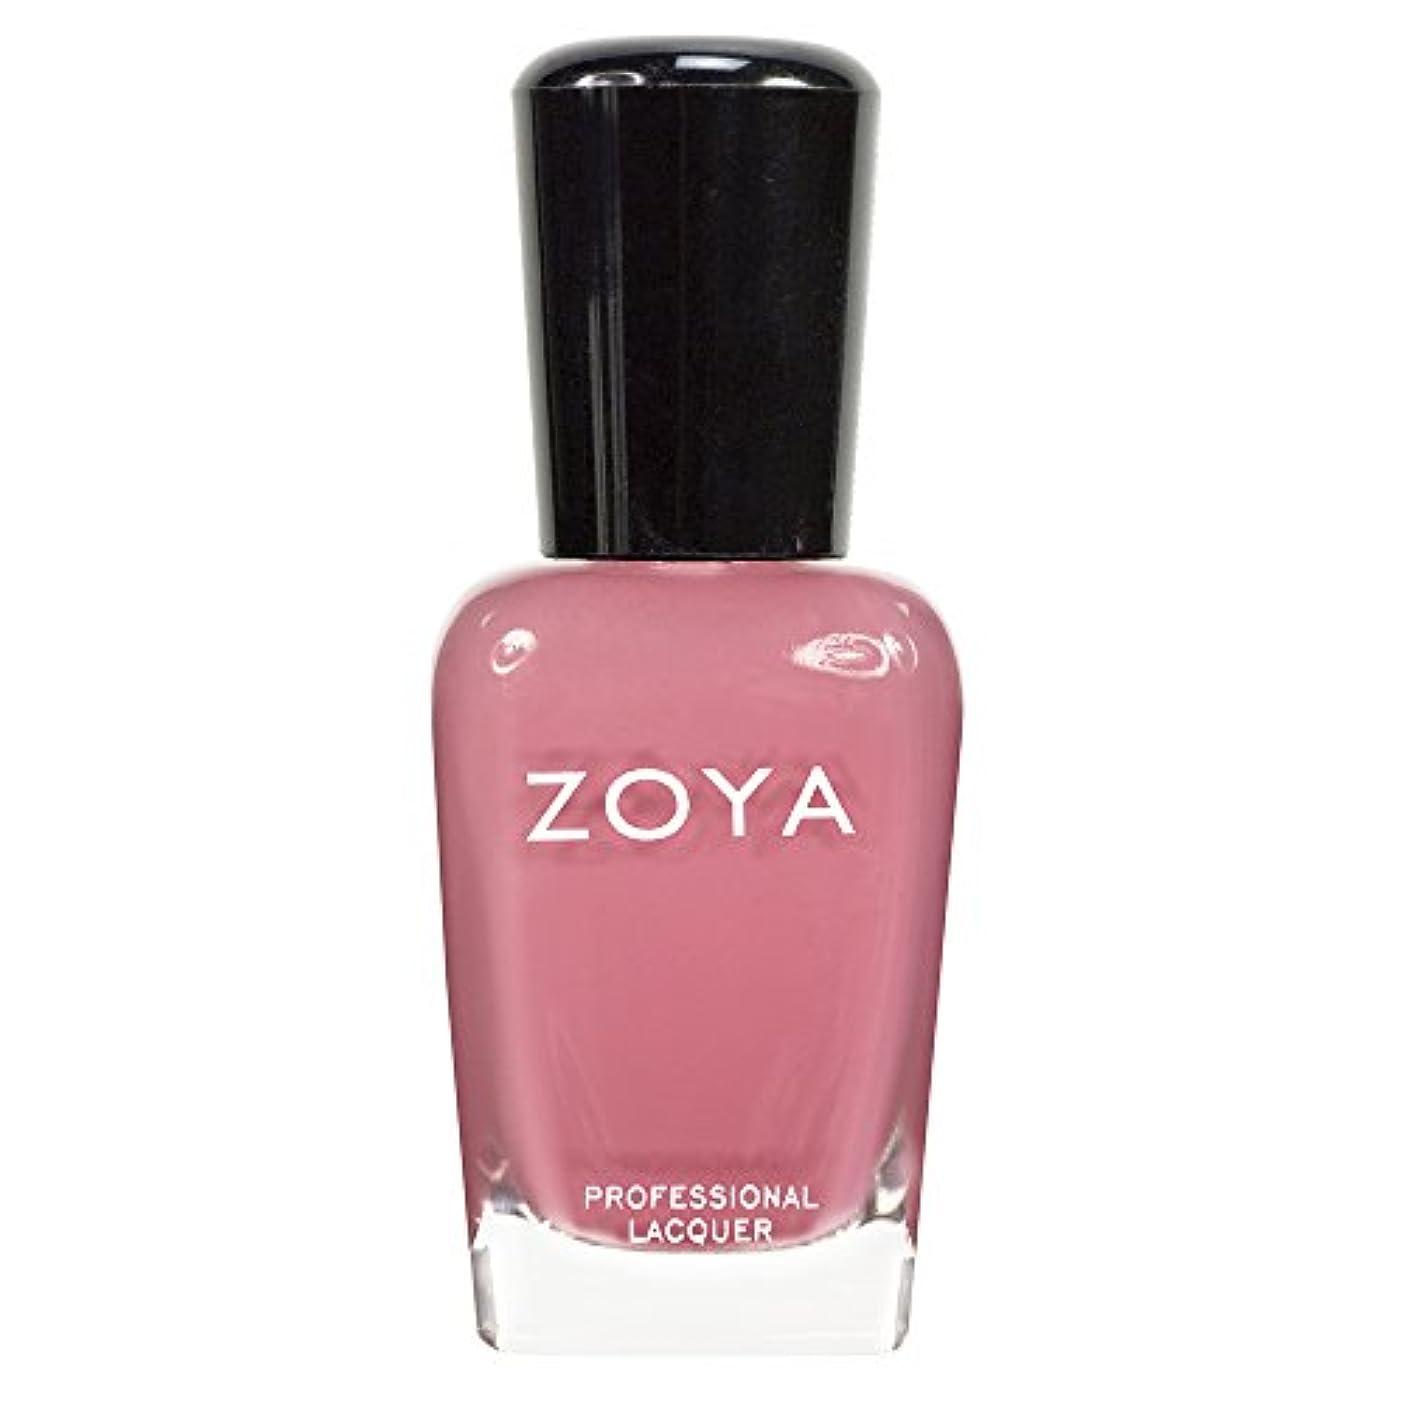 シャープハッチ悪因子ZOYA ゾーヤ ネイルカラーZP436 ZANNA ザンナ  15ml 淡いモーブピンク マット 爪にやさしいネイルラッカーマニキュア